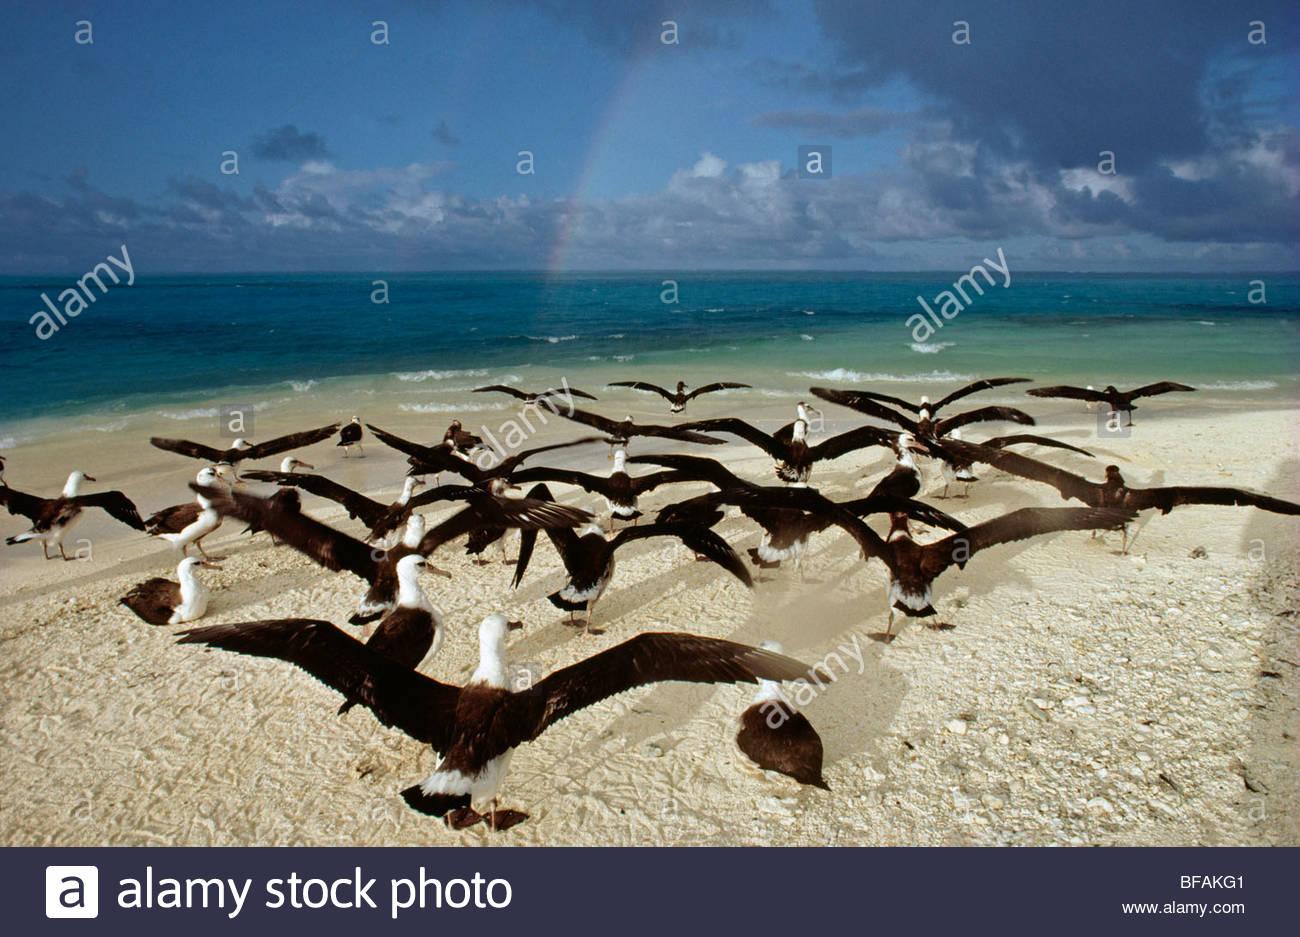 Laysan albatross juveniles spreading wings, Phoebastria immutabilis, Hawaiian Leeward Islands - Stock Image